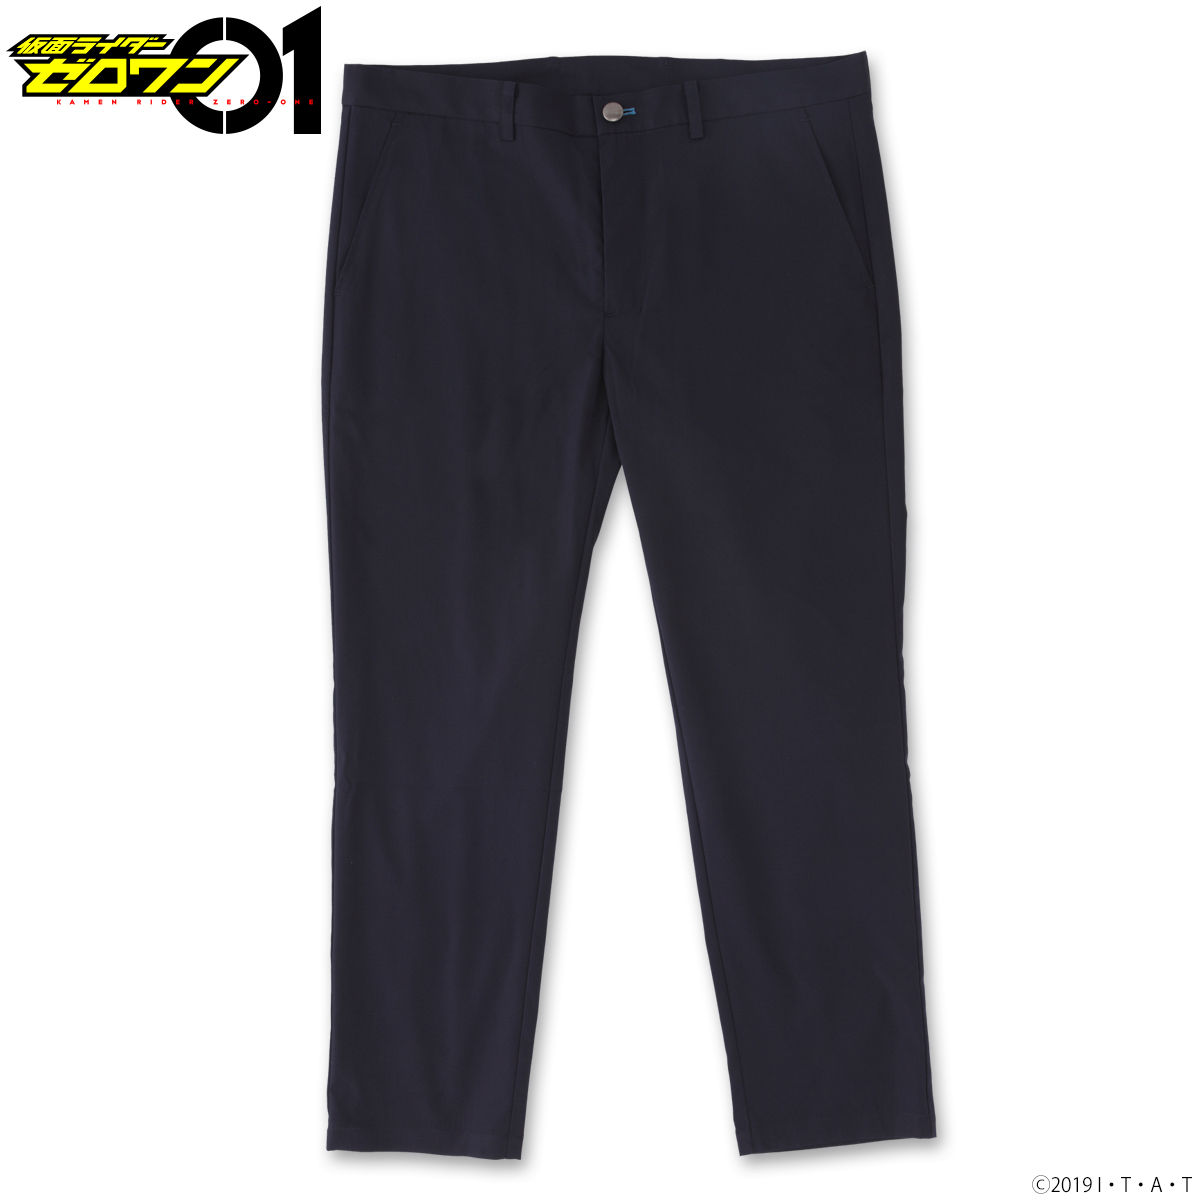 Aruto Hiden's Pants—Kamen Rider Zero-One